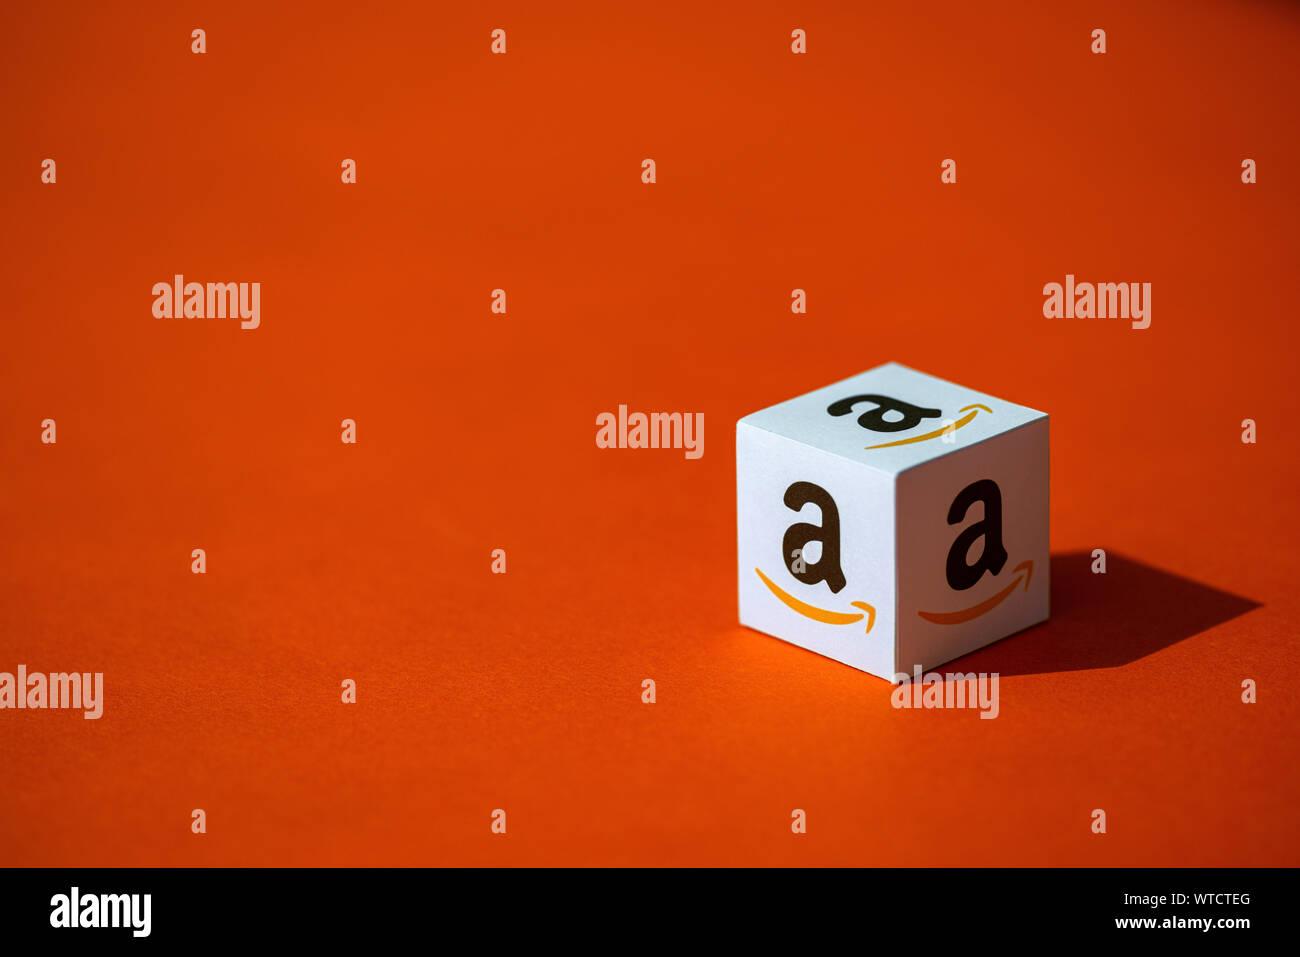 Kiev, Ukraine - le 10 septembre 2019: un coup de papier imprimé cube avec le logotype de la société Amazon, qui a placé sur un fond orange. Banque D'Images